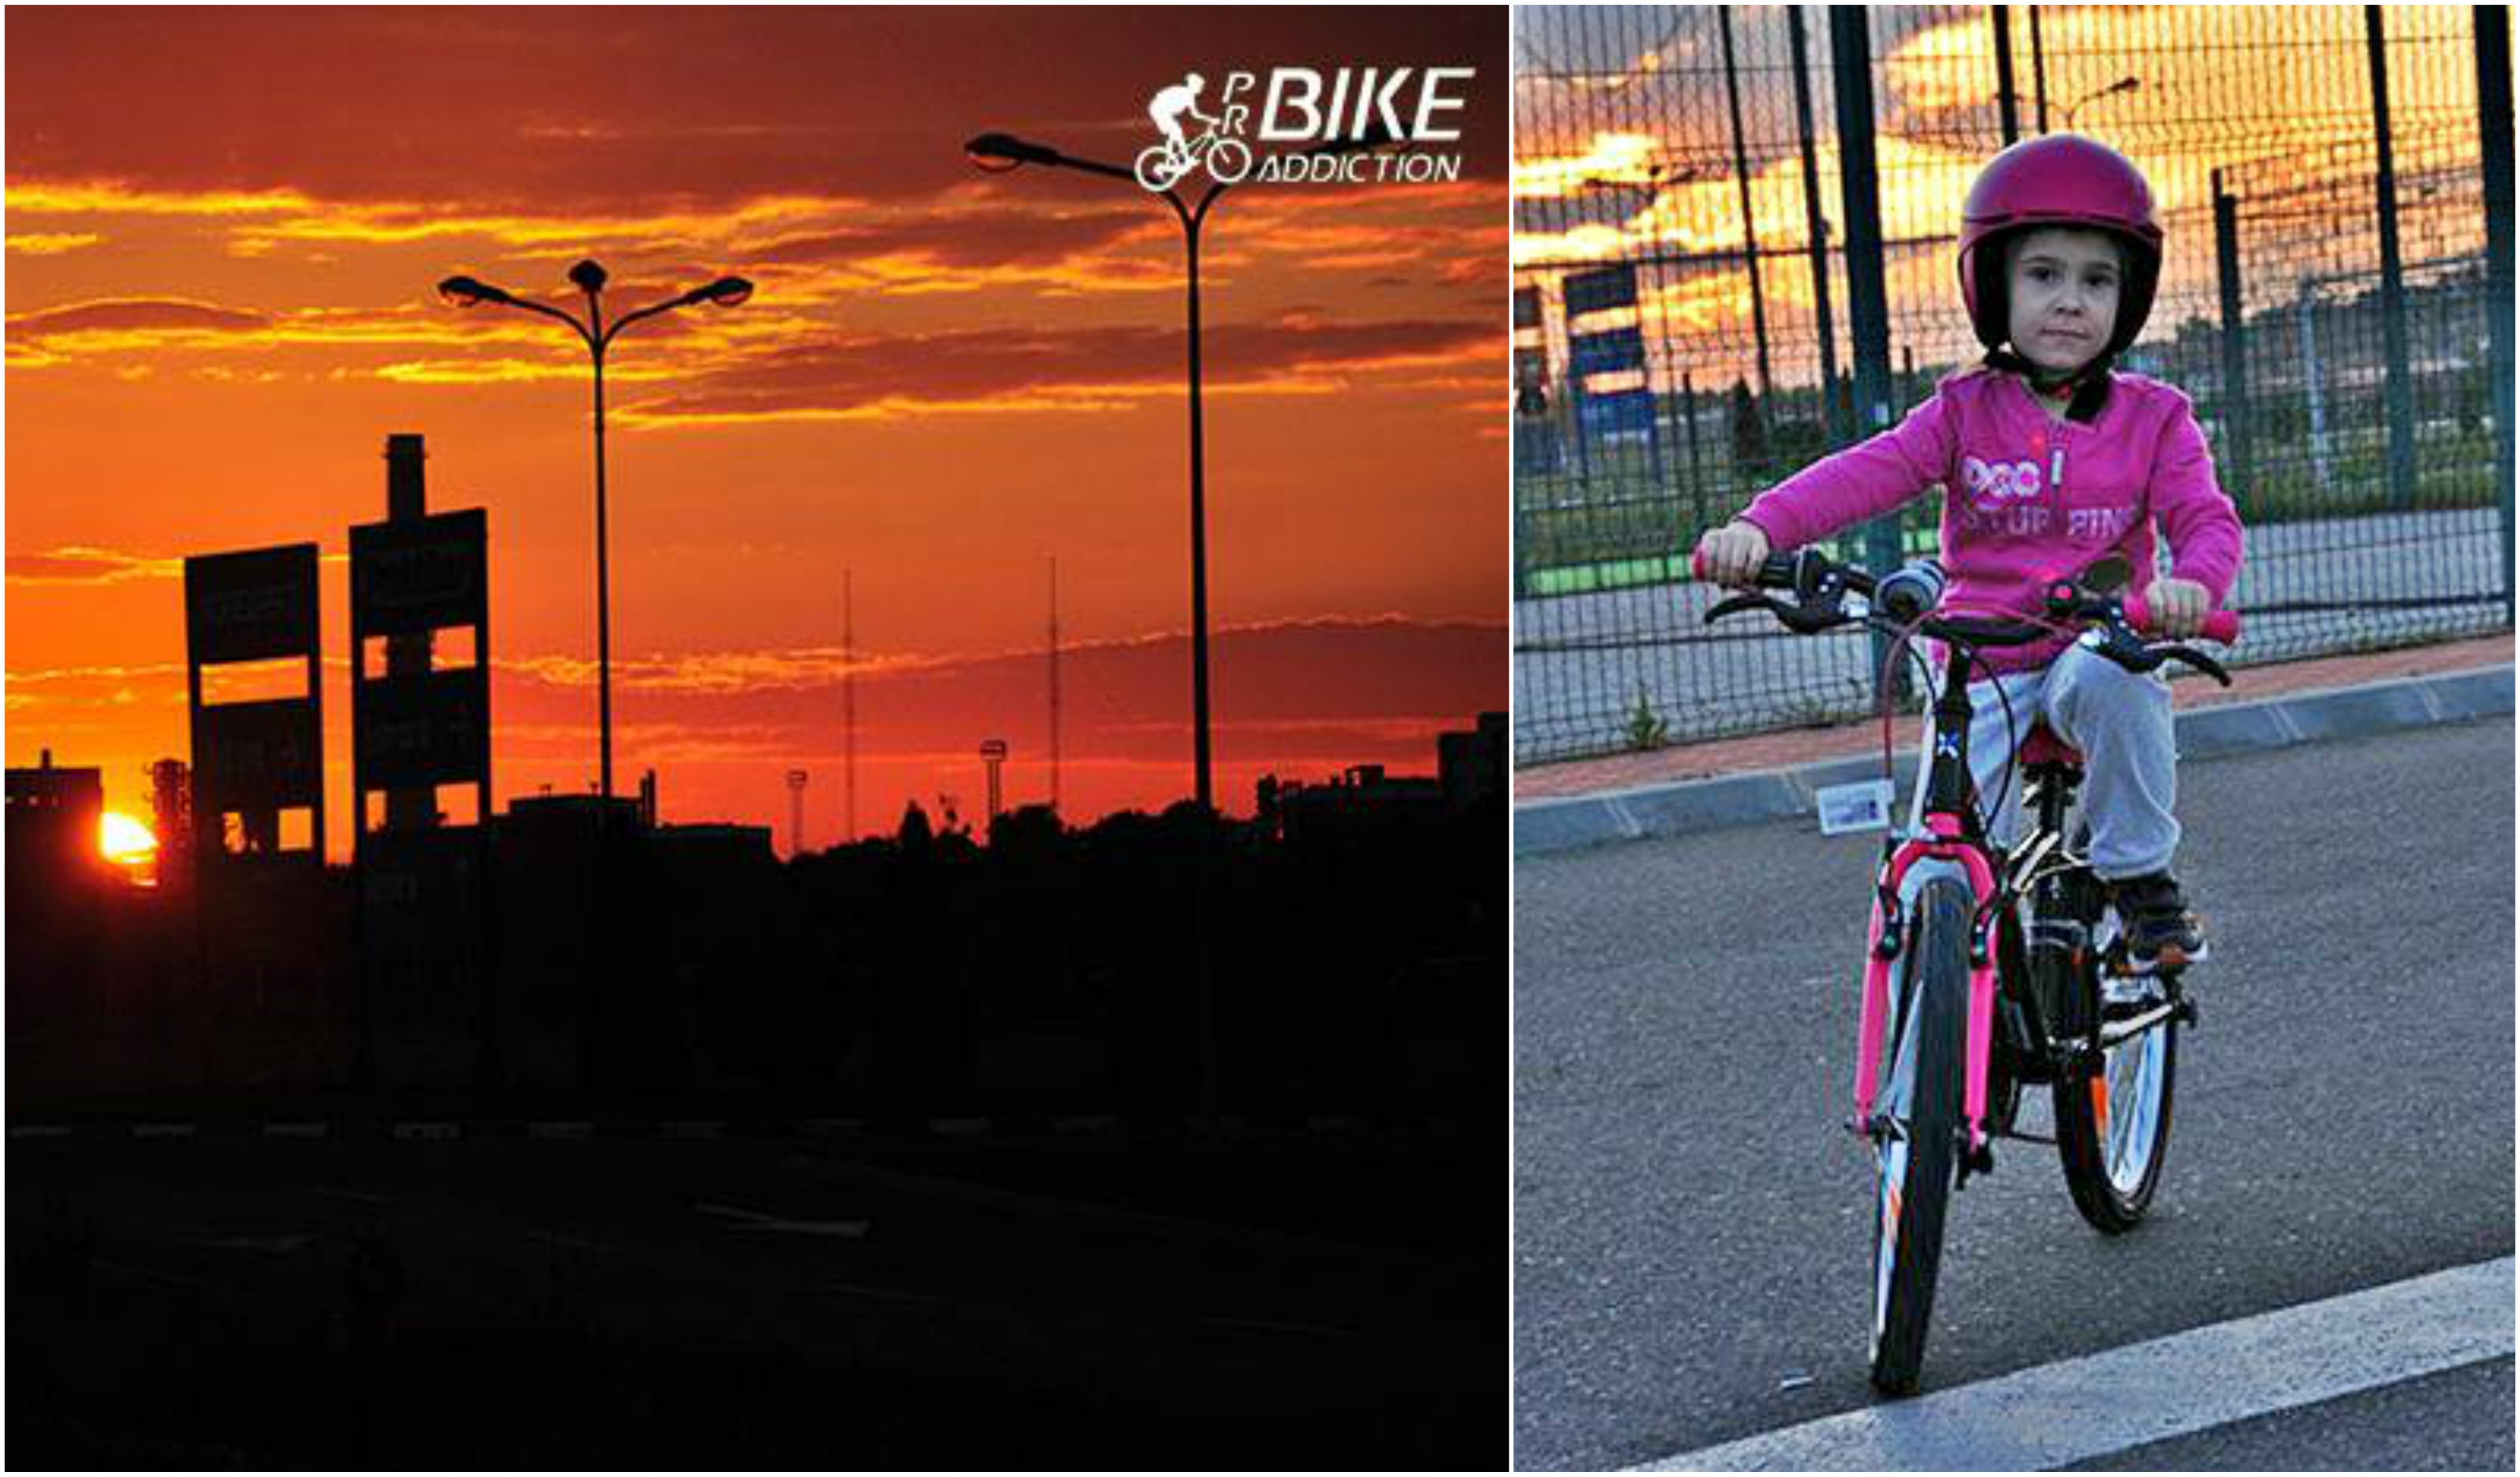 probikeaddiction cursuri de invatat mersul pe bicicleta iasi